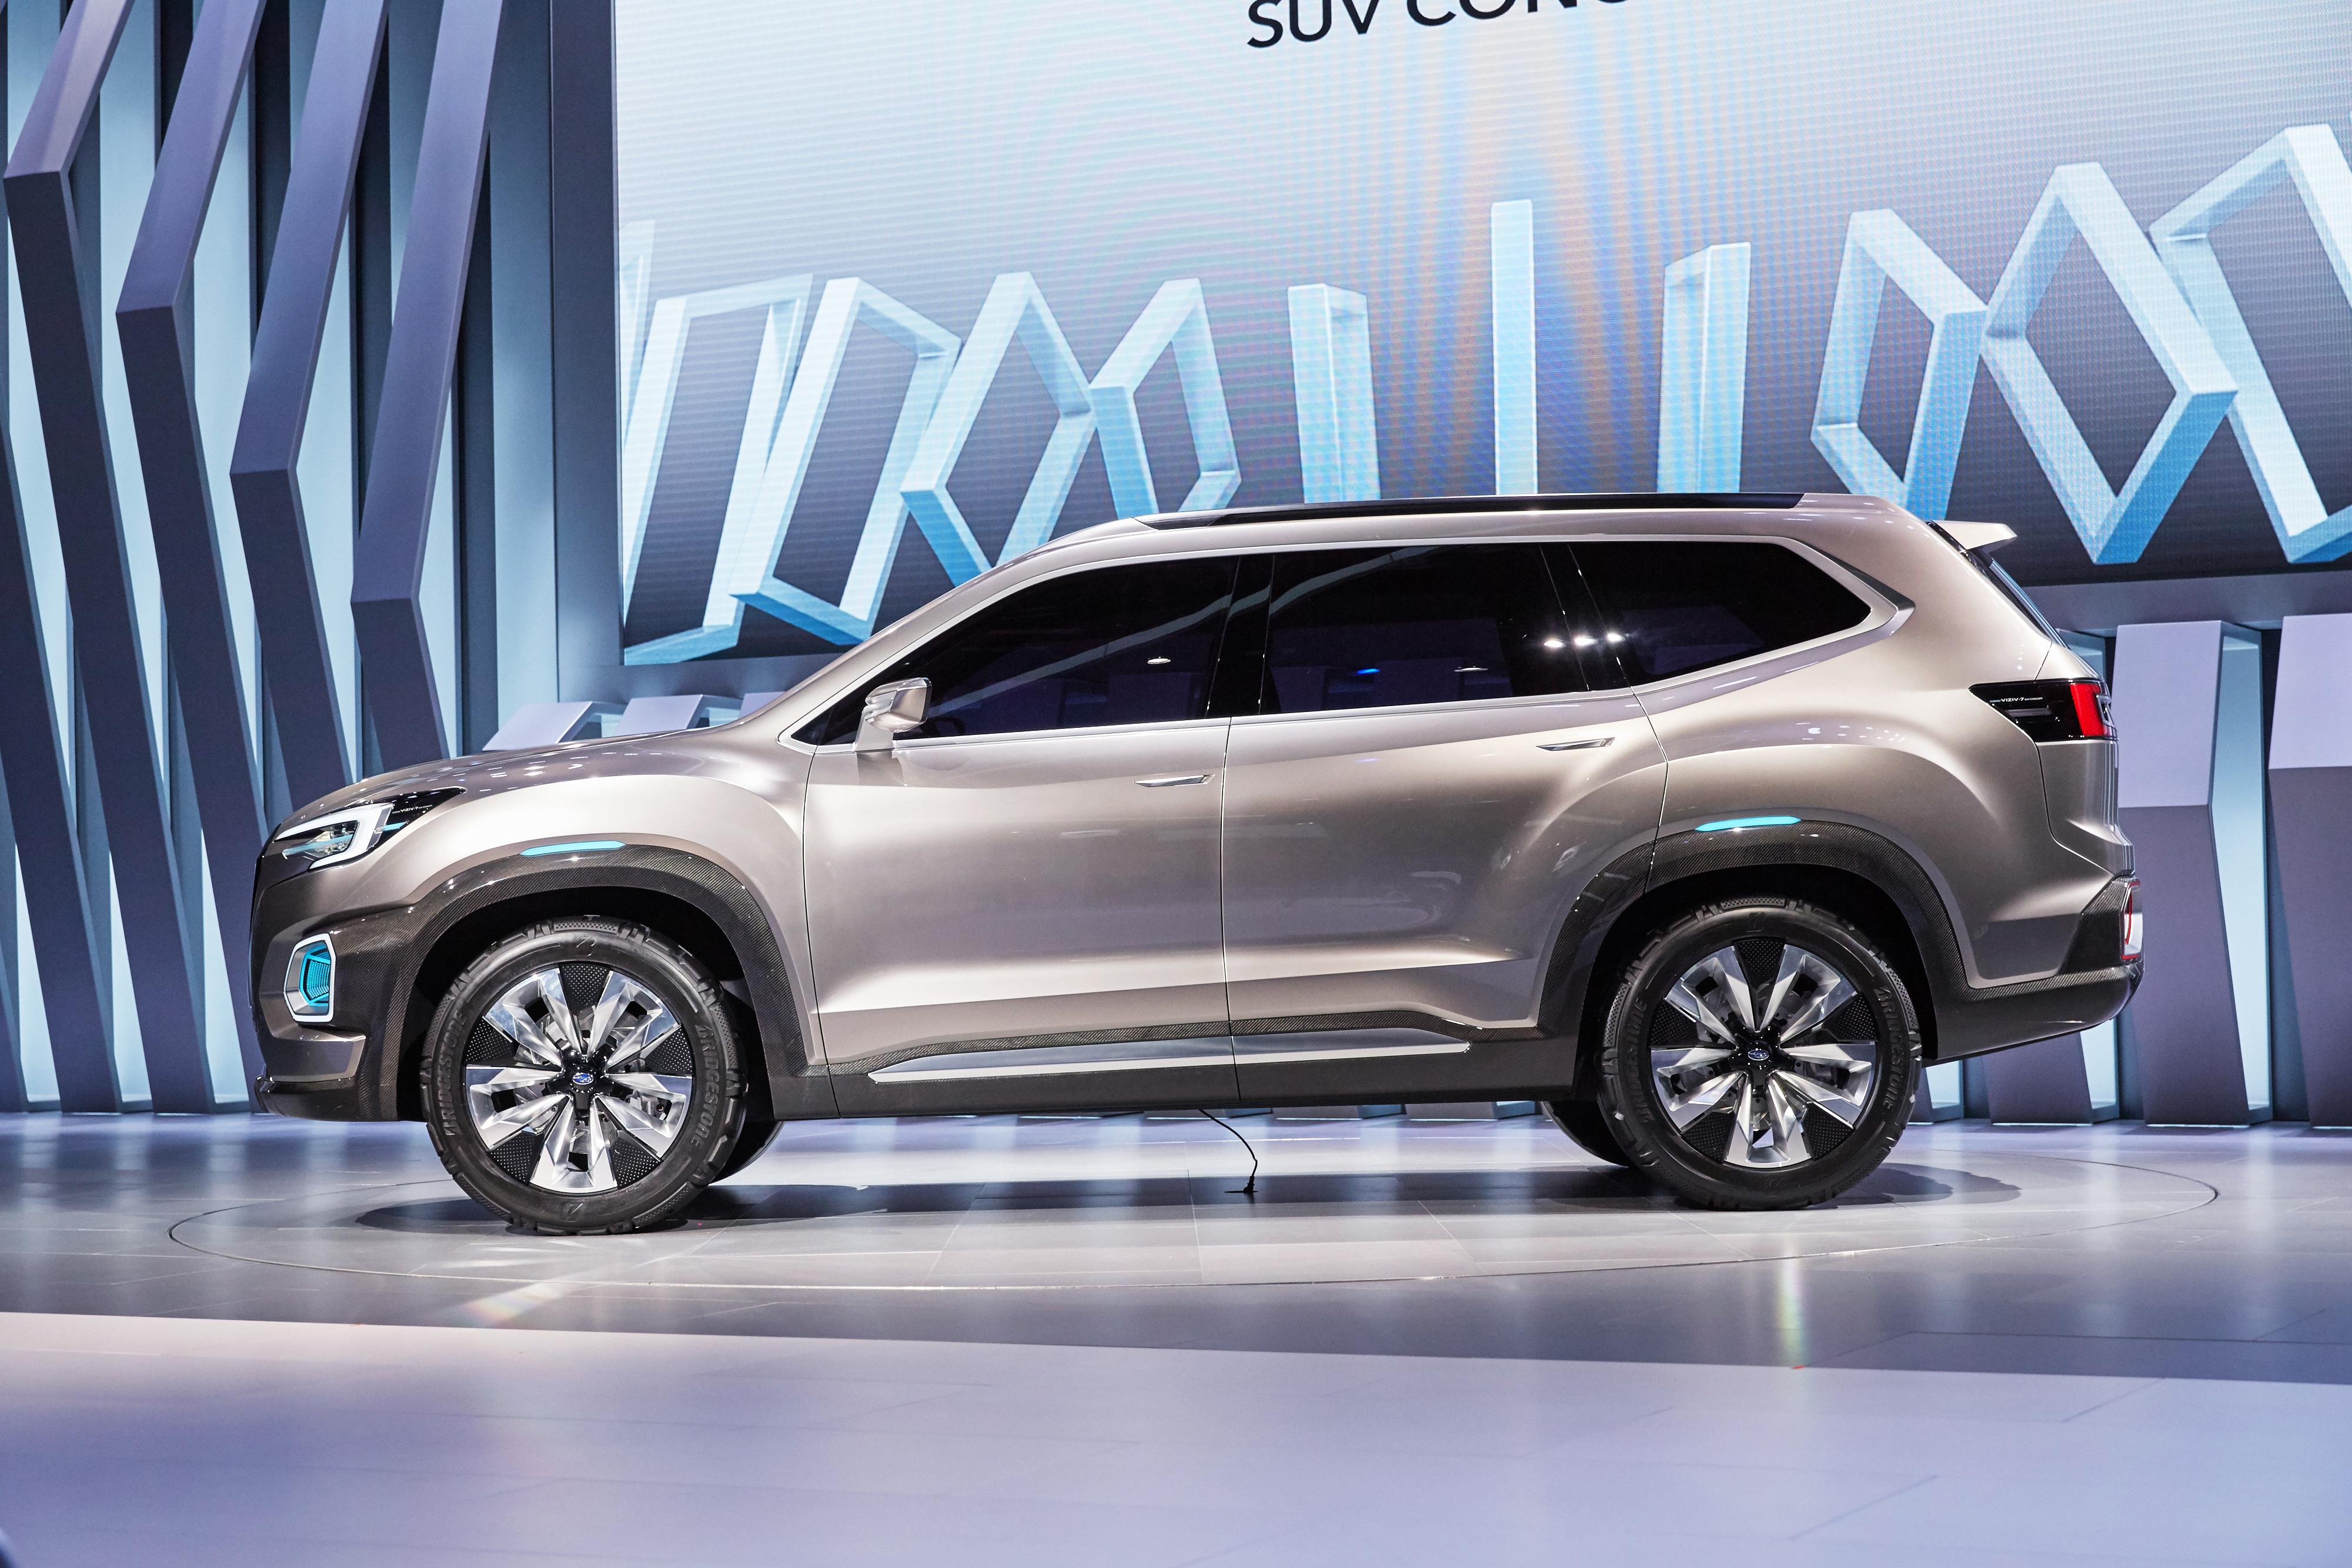 Suv >> Subaru Viziv-7 Concept debuts – seven-seater SUV Image 581349